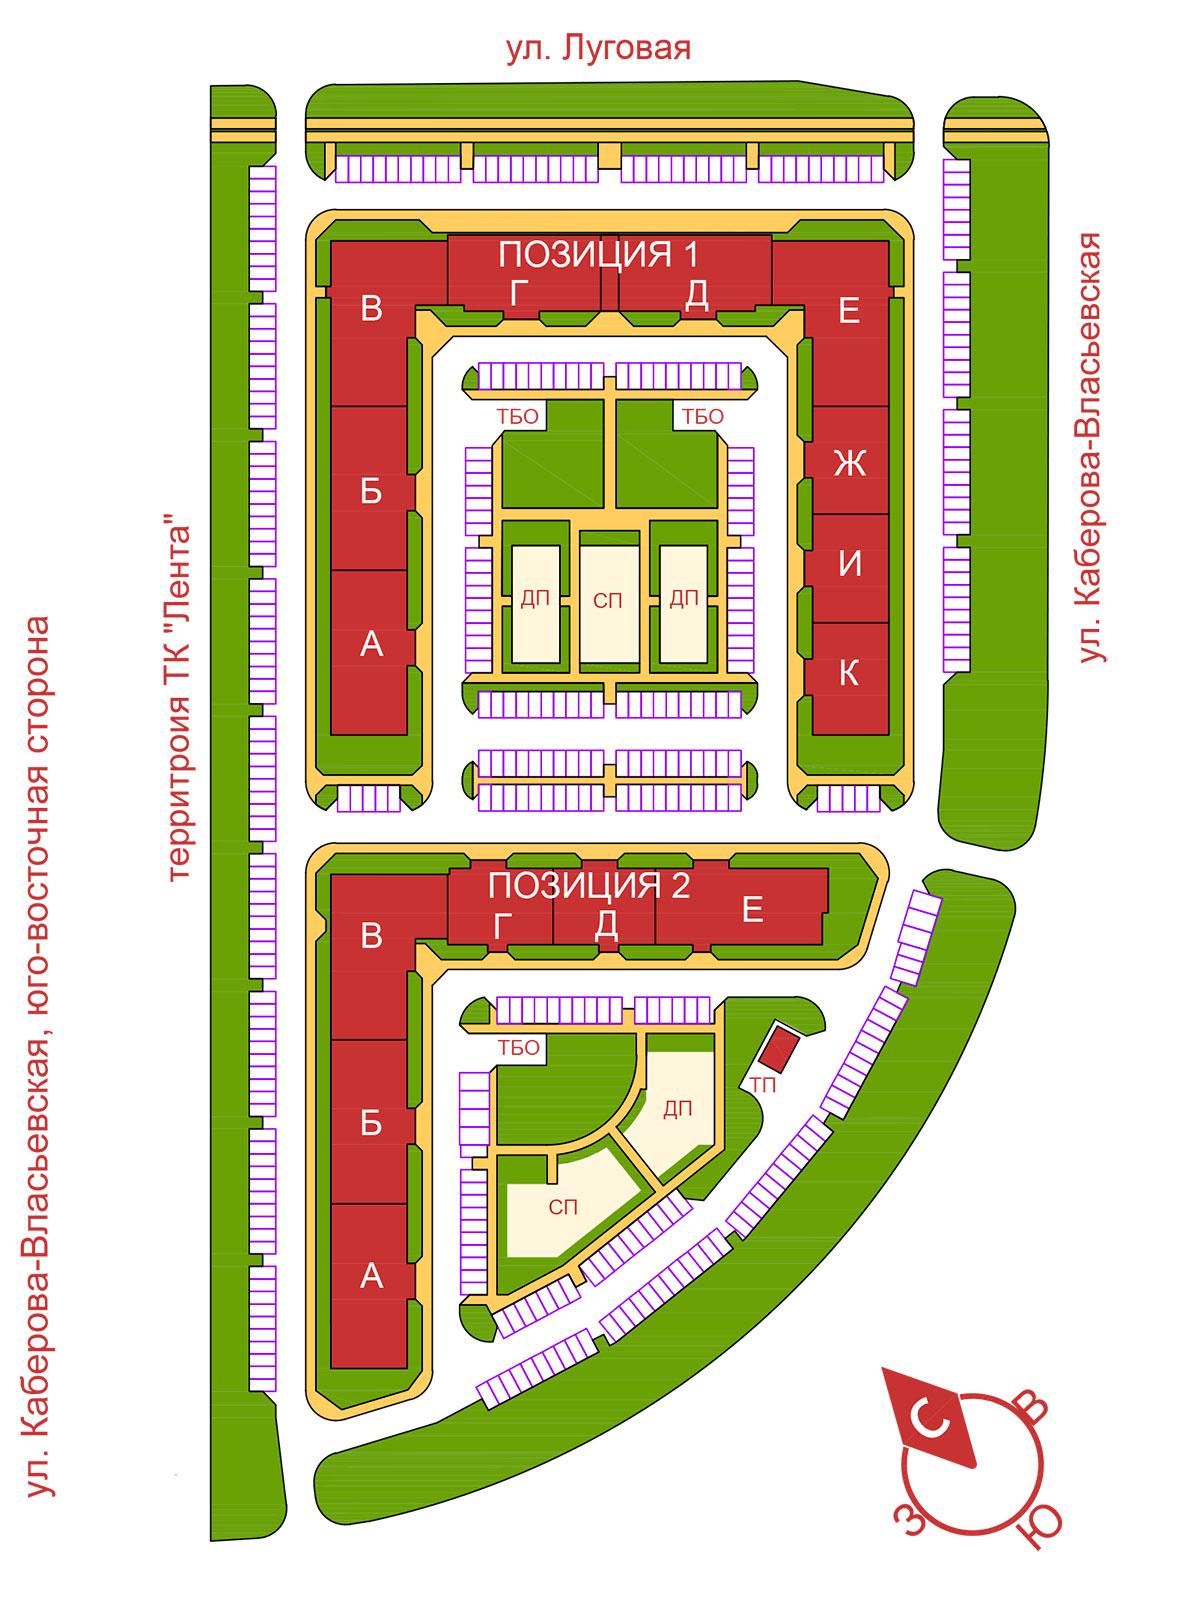 План застройкм объекта ЖК Союз, поз. 1, очередь 3